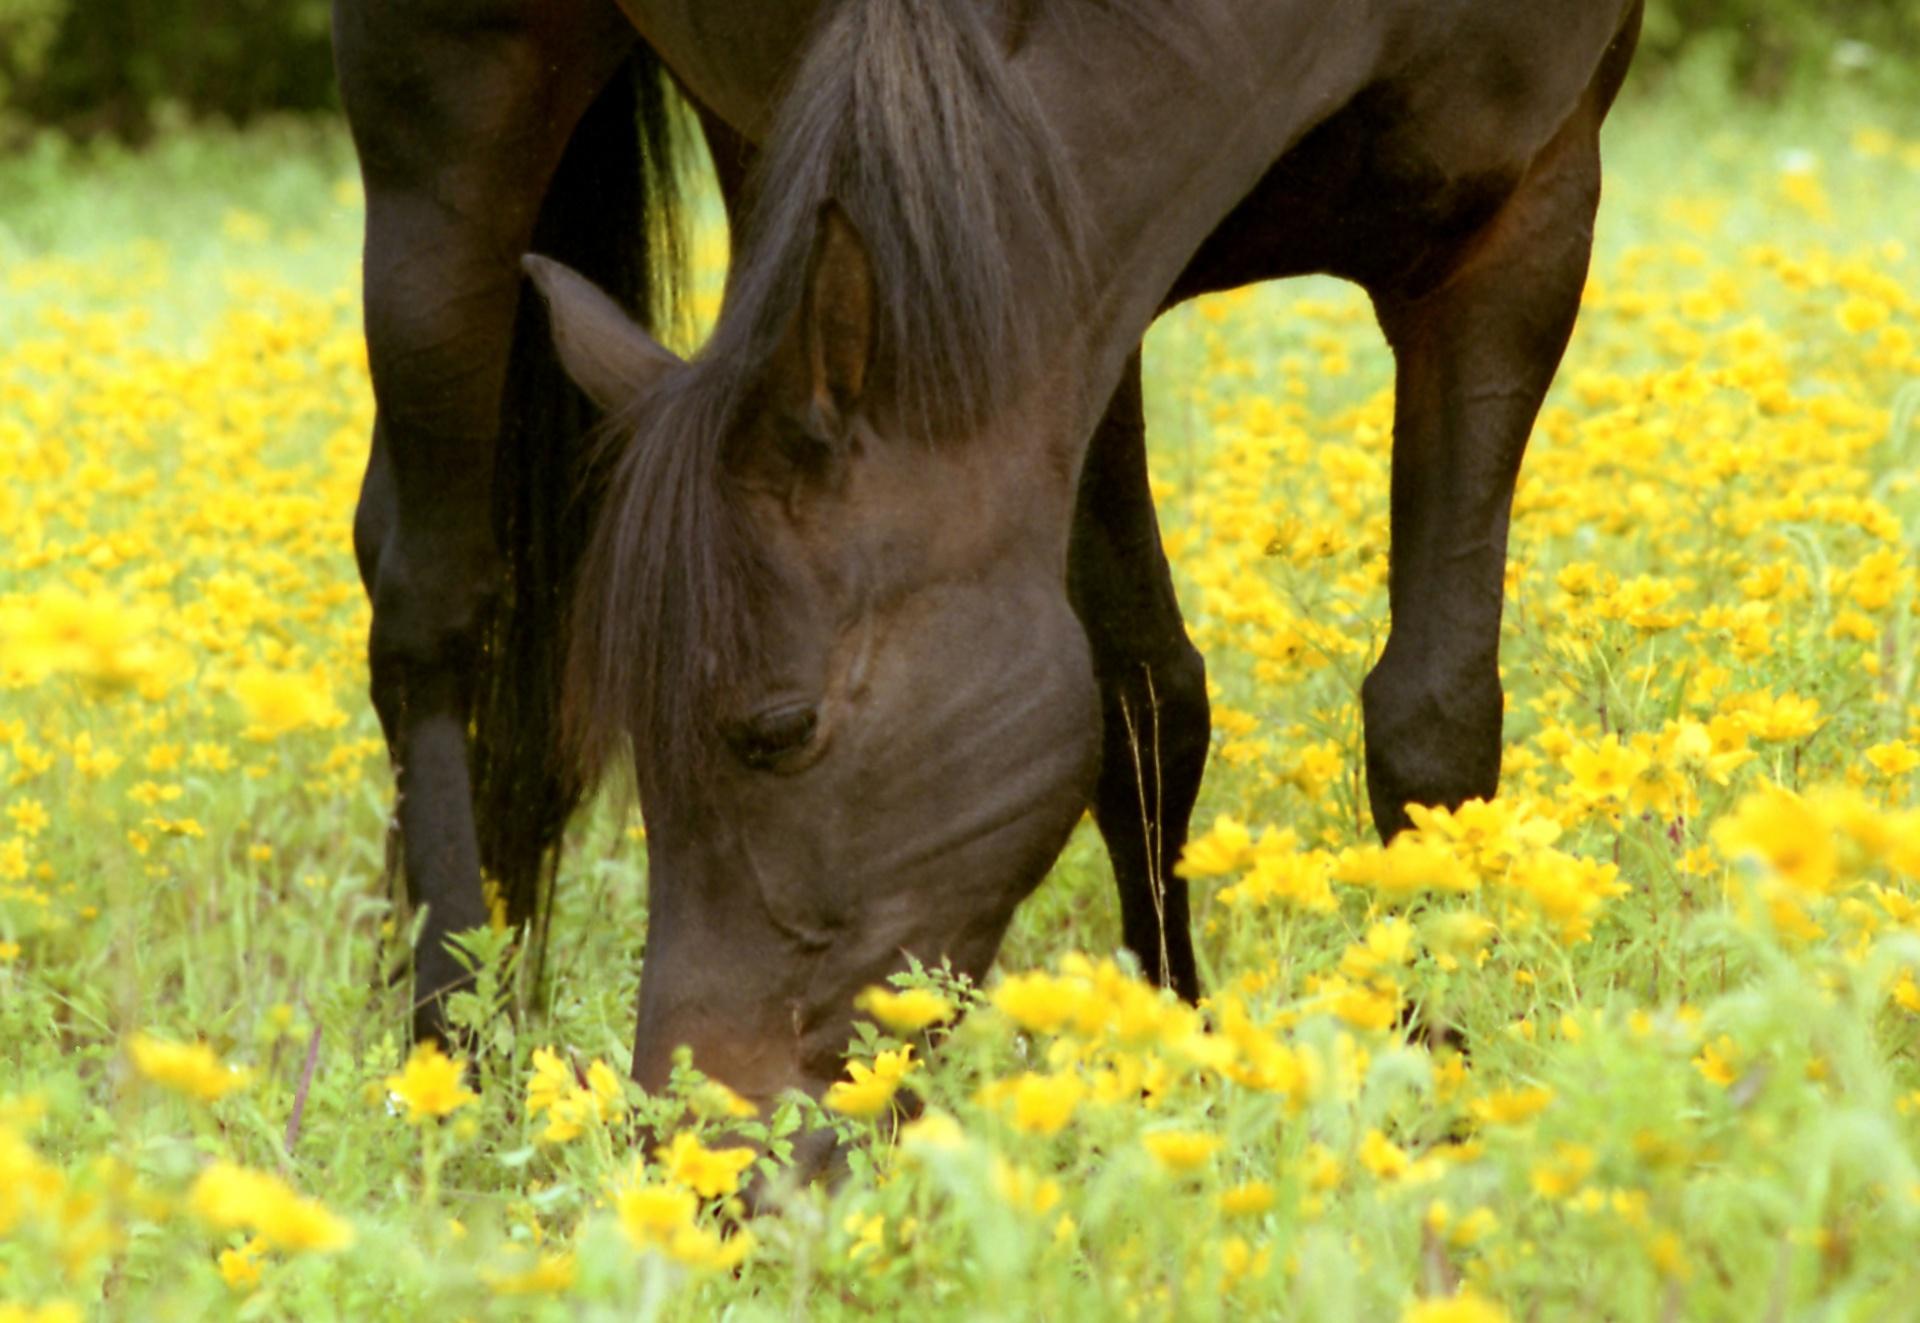 Лошадка Для Детей картинки, бесплатные обои и фото 38